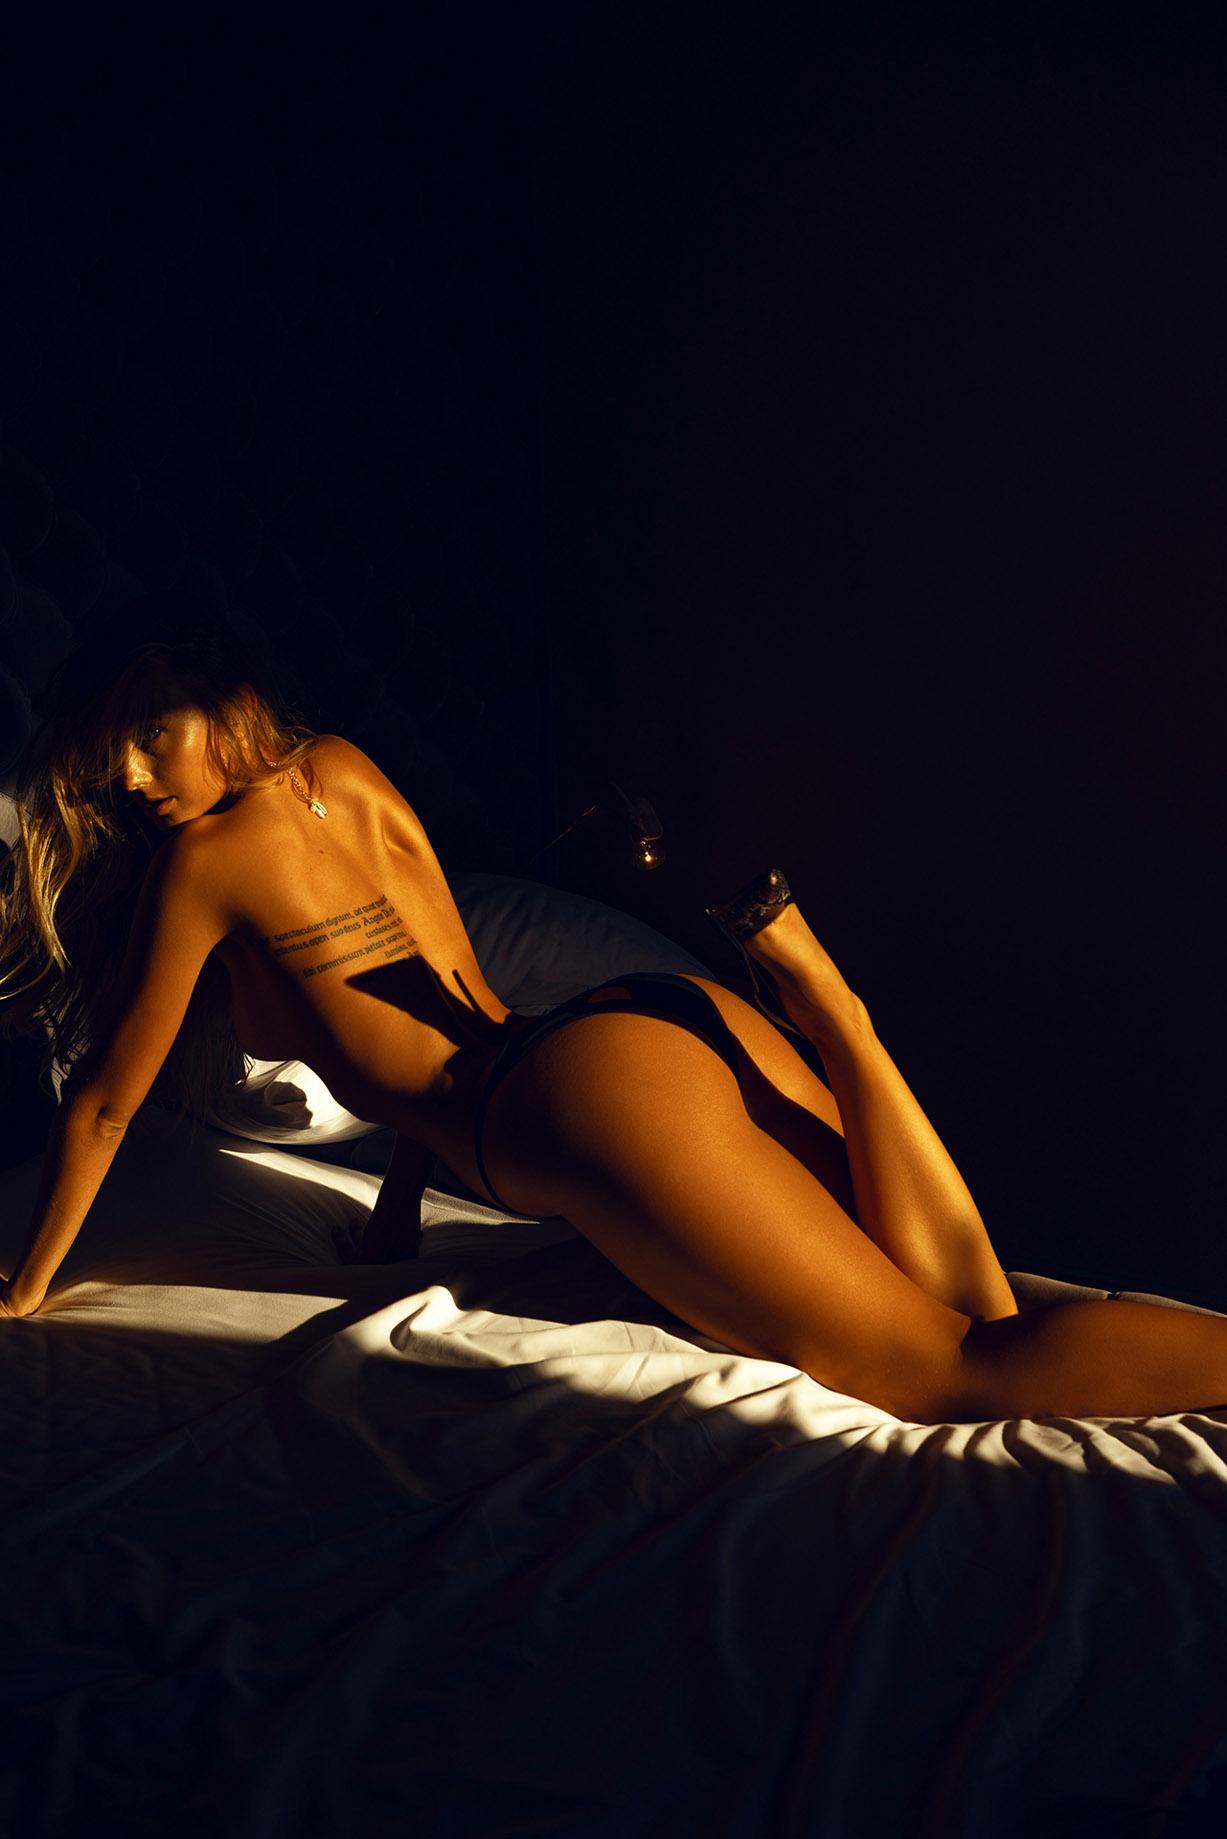 Lady Y, фотограф Артур Каплун / фото 16